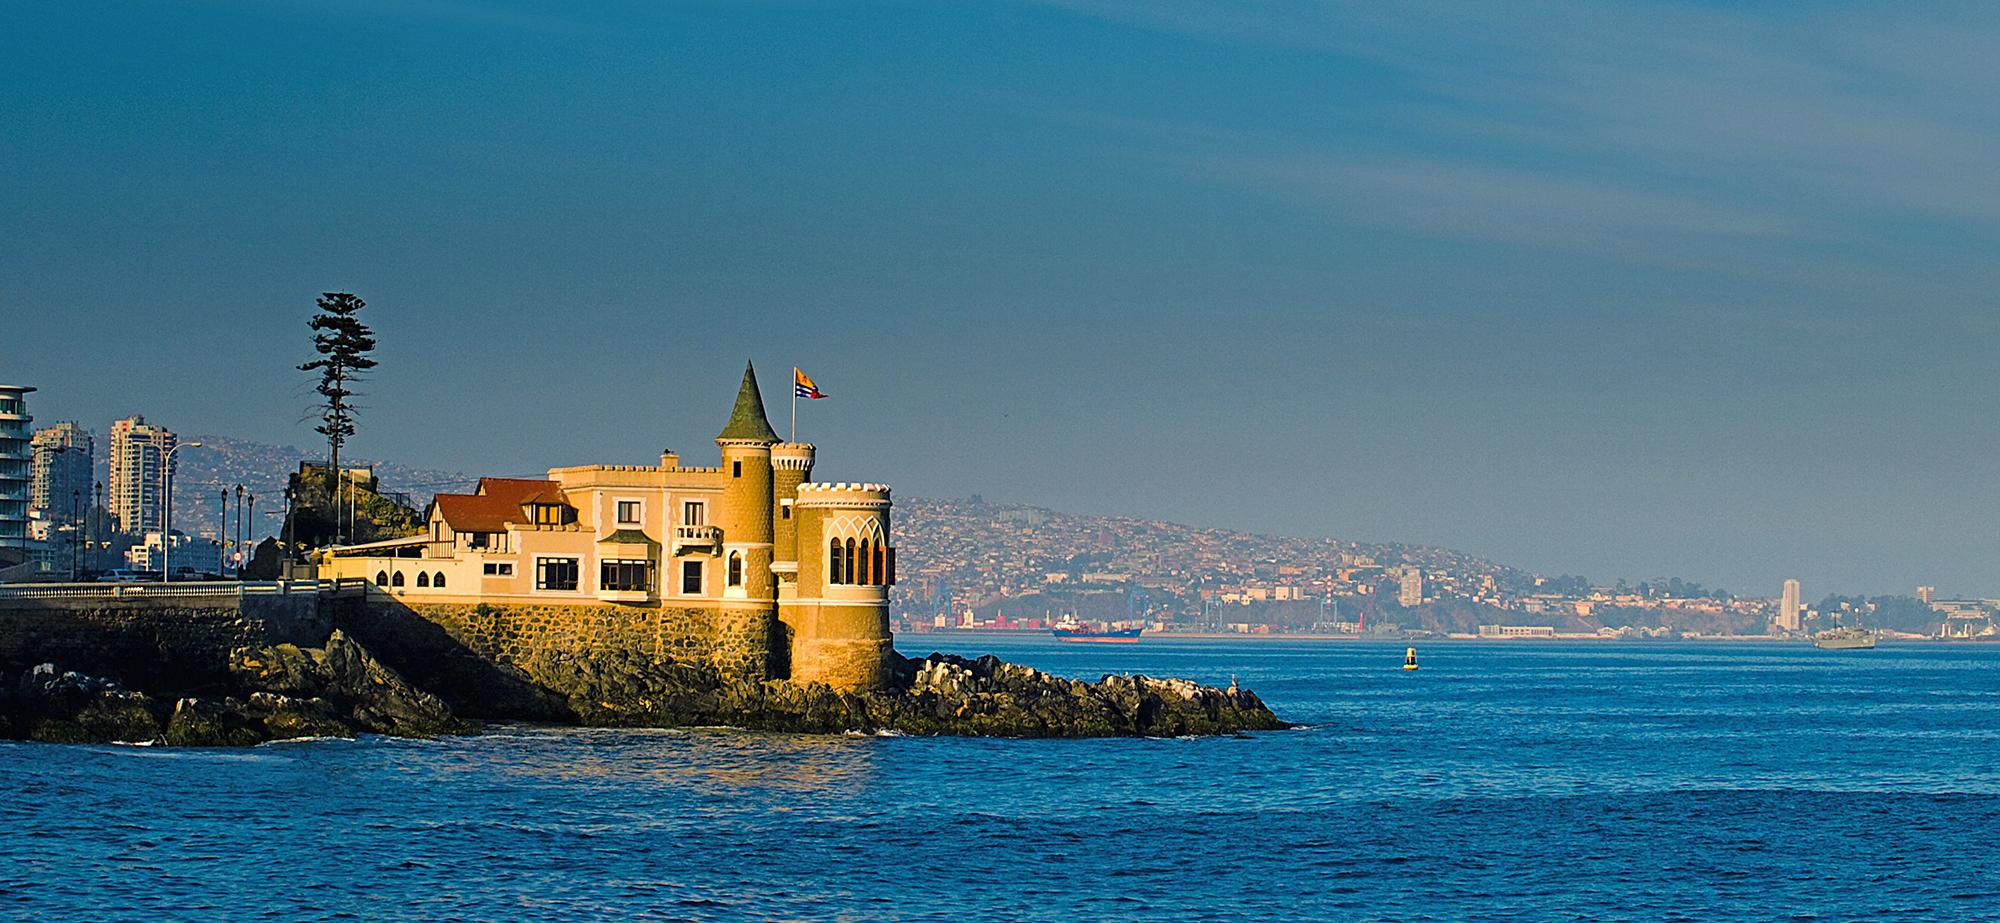 Castillo_Wulff_Vinna del Mar